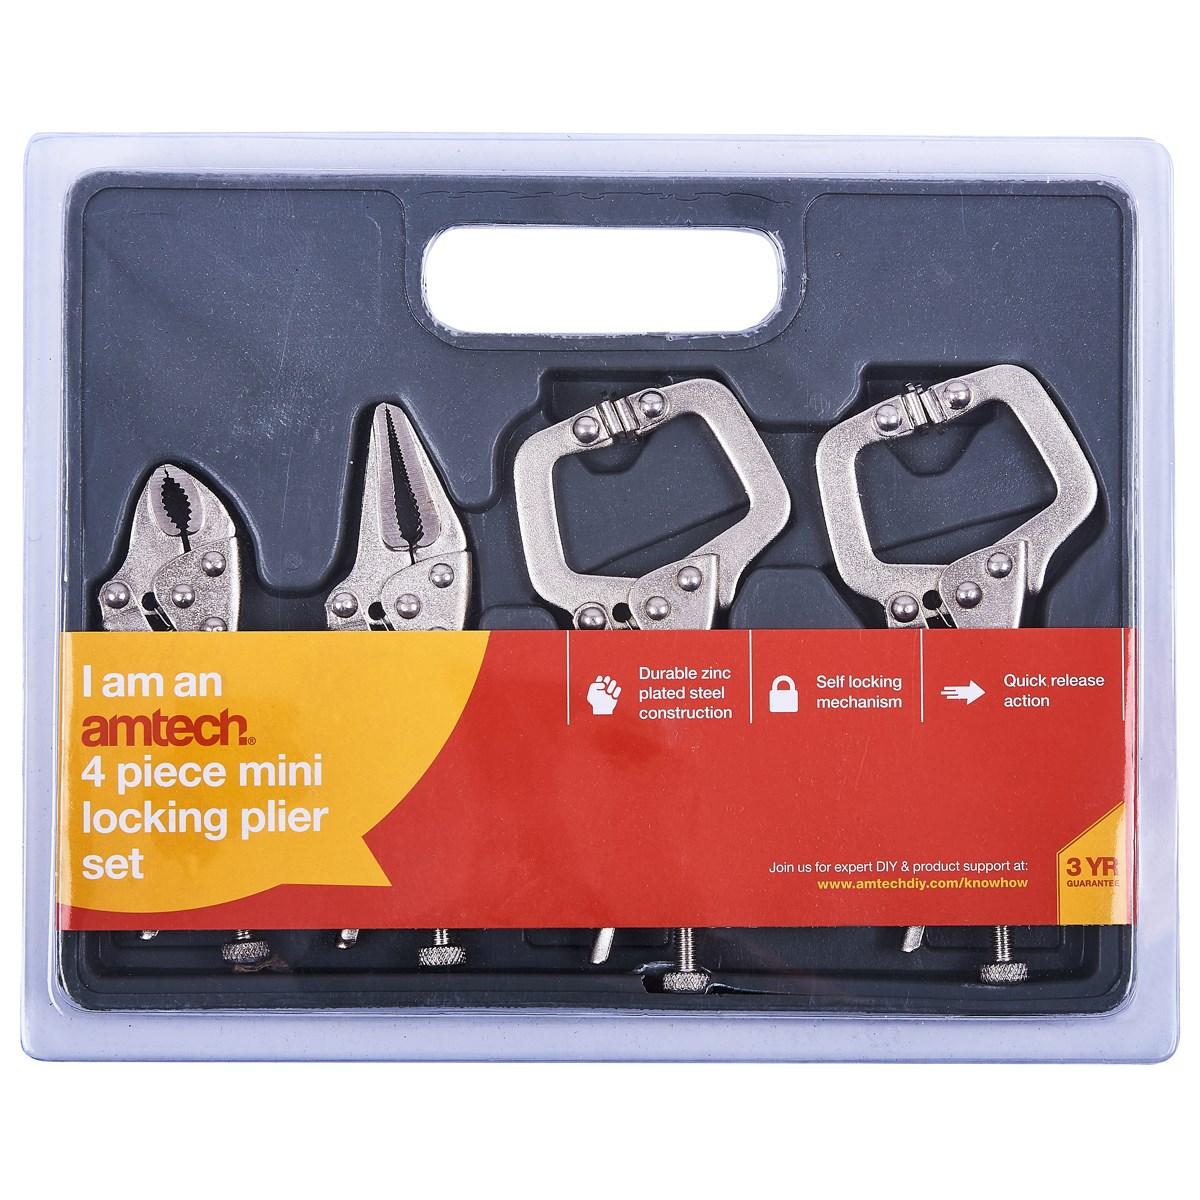 4pc mini locking plier set - Amtech